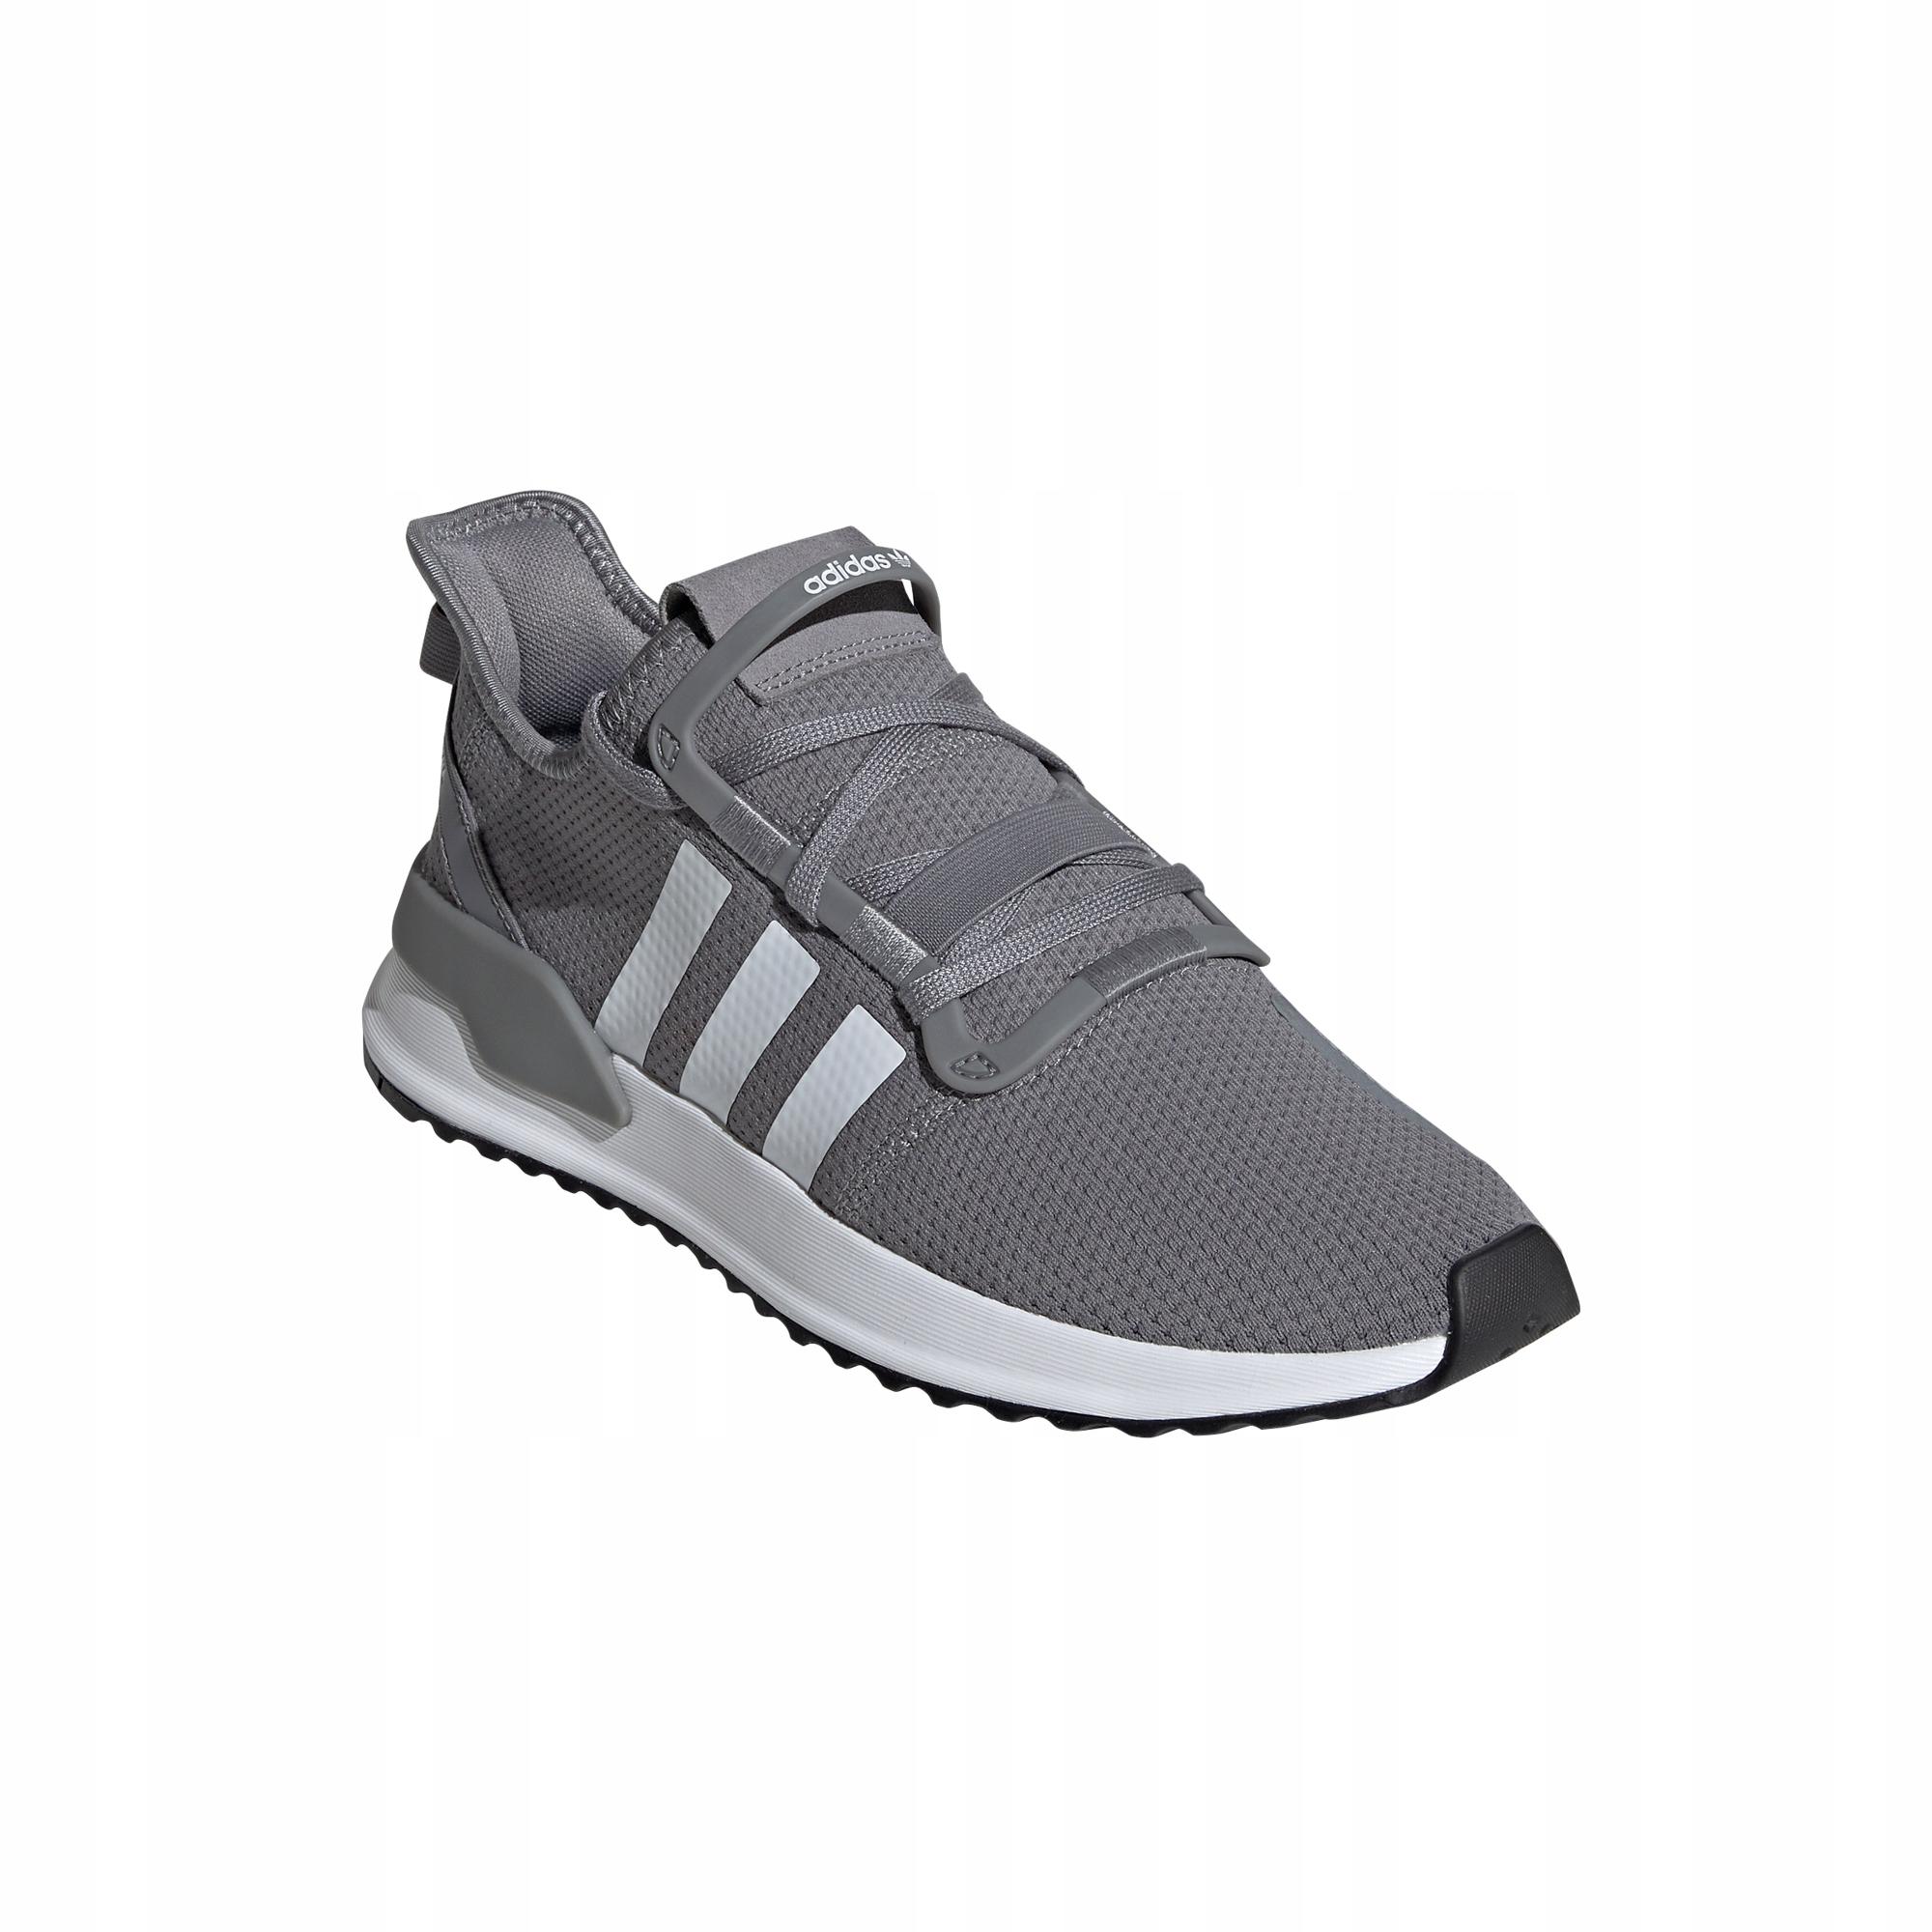 Buty adidas U_Path Run G27995 43 13 7917948819